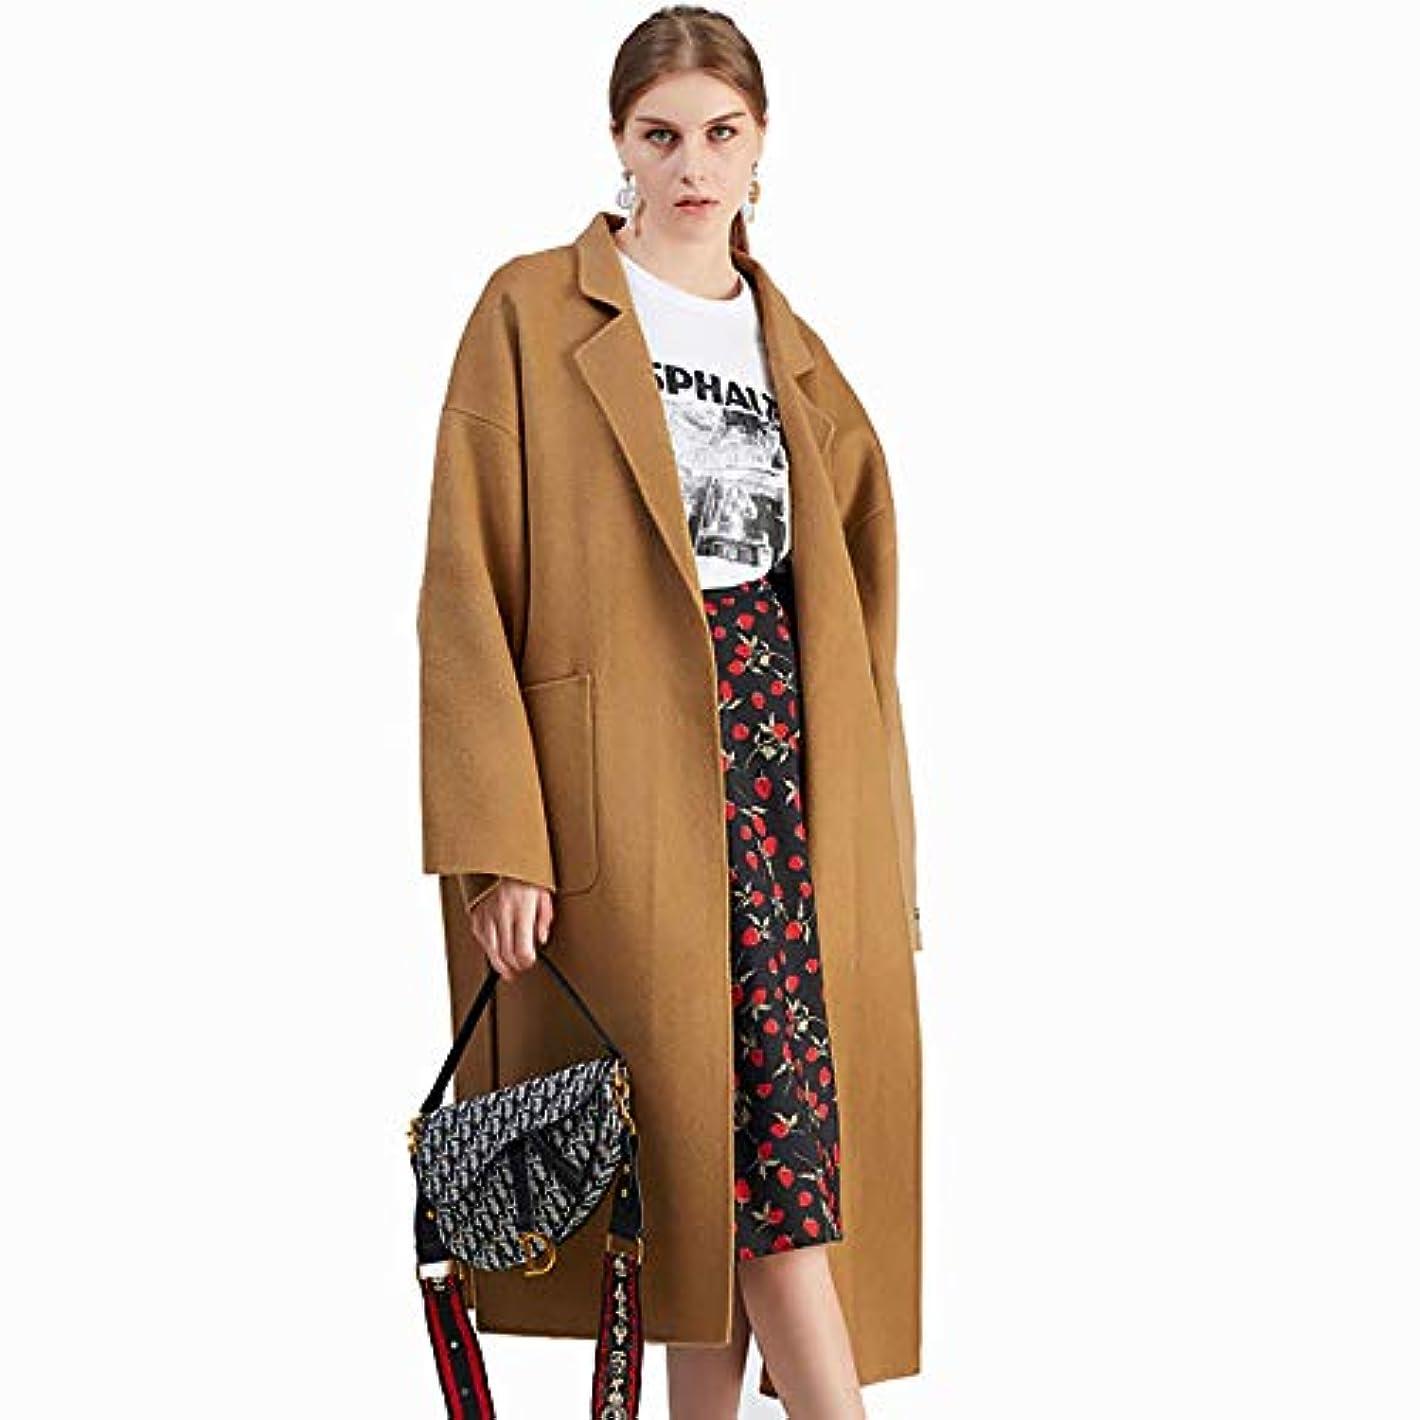 効率的ホイール物足りないロングコート、秋と冬のカシミヤのコート、ロング両面のウールコート手作り婦人服レディースコートレディースウインドブレーカージャケット